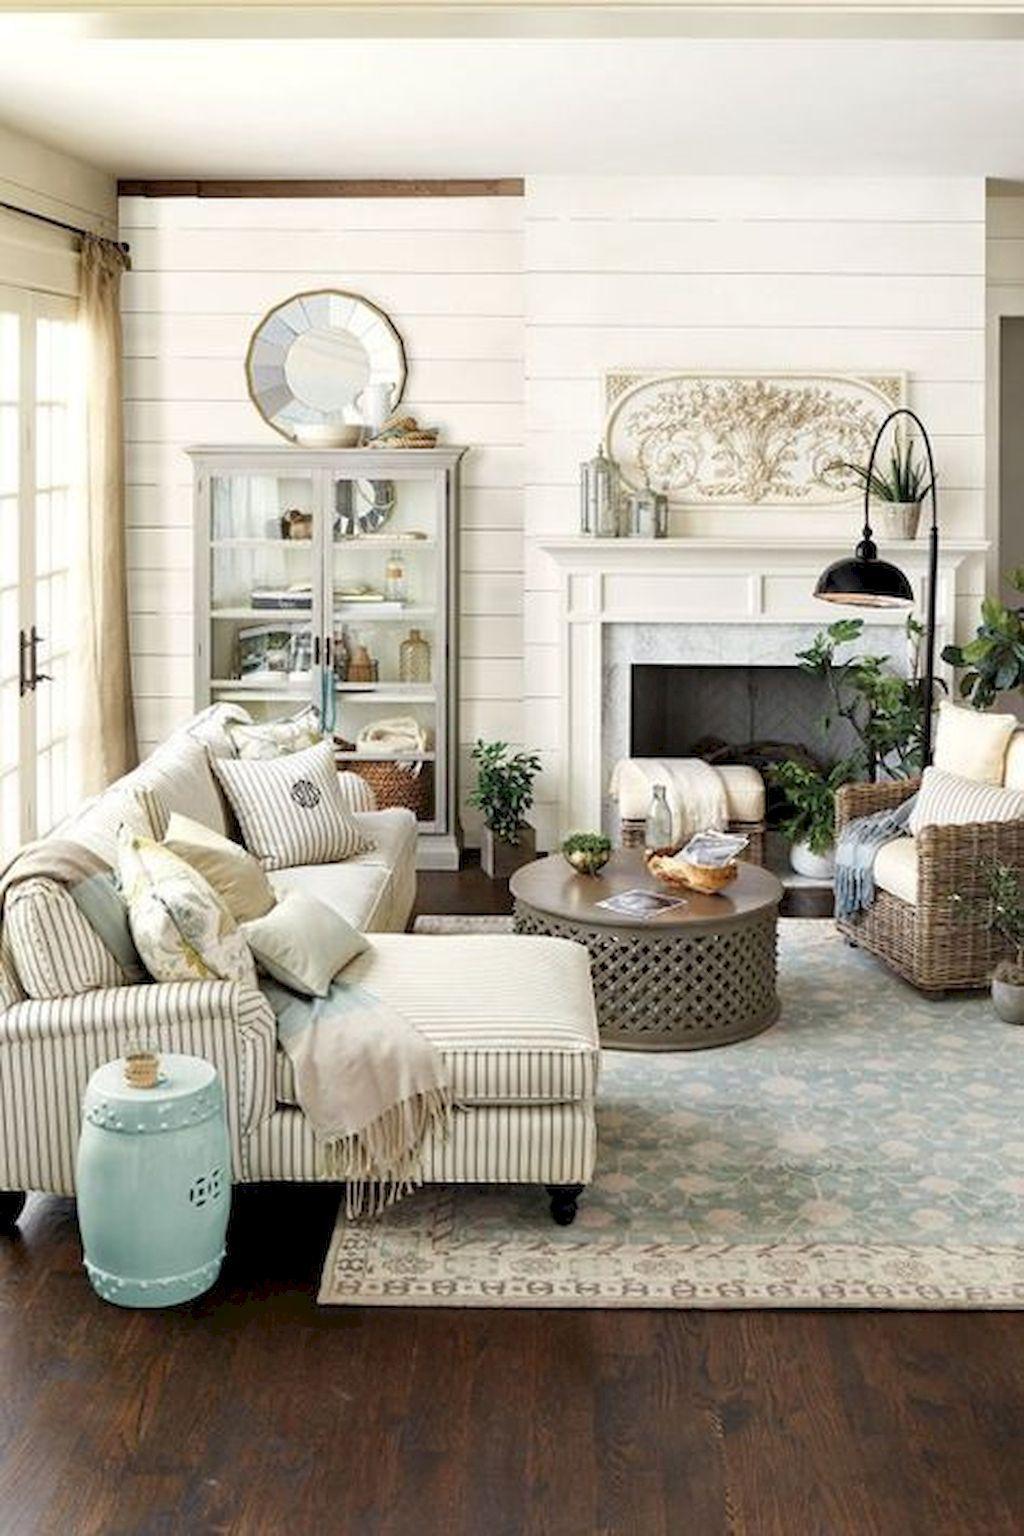 75 warm and cozy farmhouse style living room decor ideas 32 farm rh pinterest com